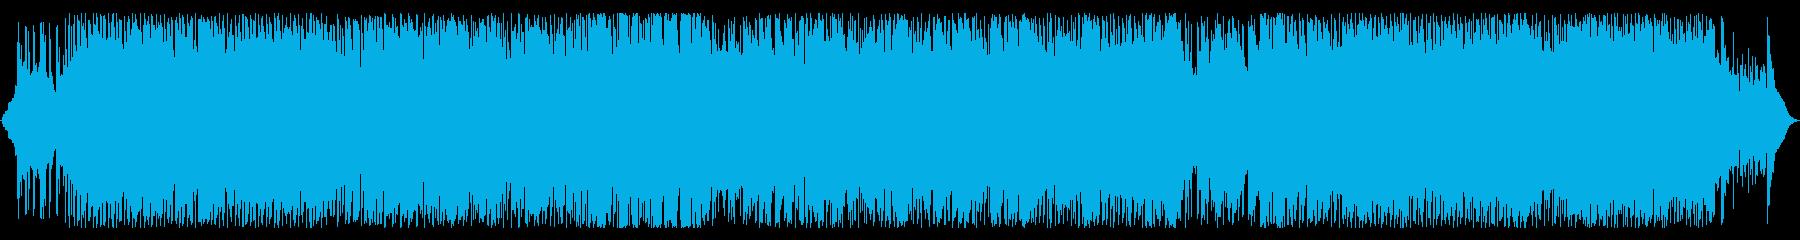 少しの不安感と緊張感のあるインストの再生済みの波形